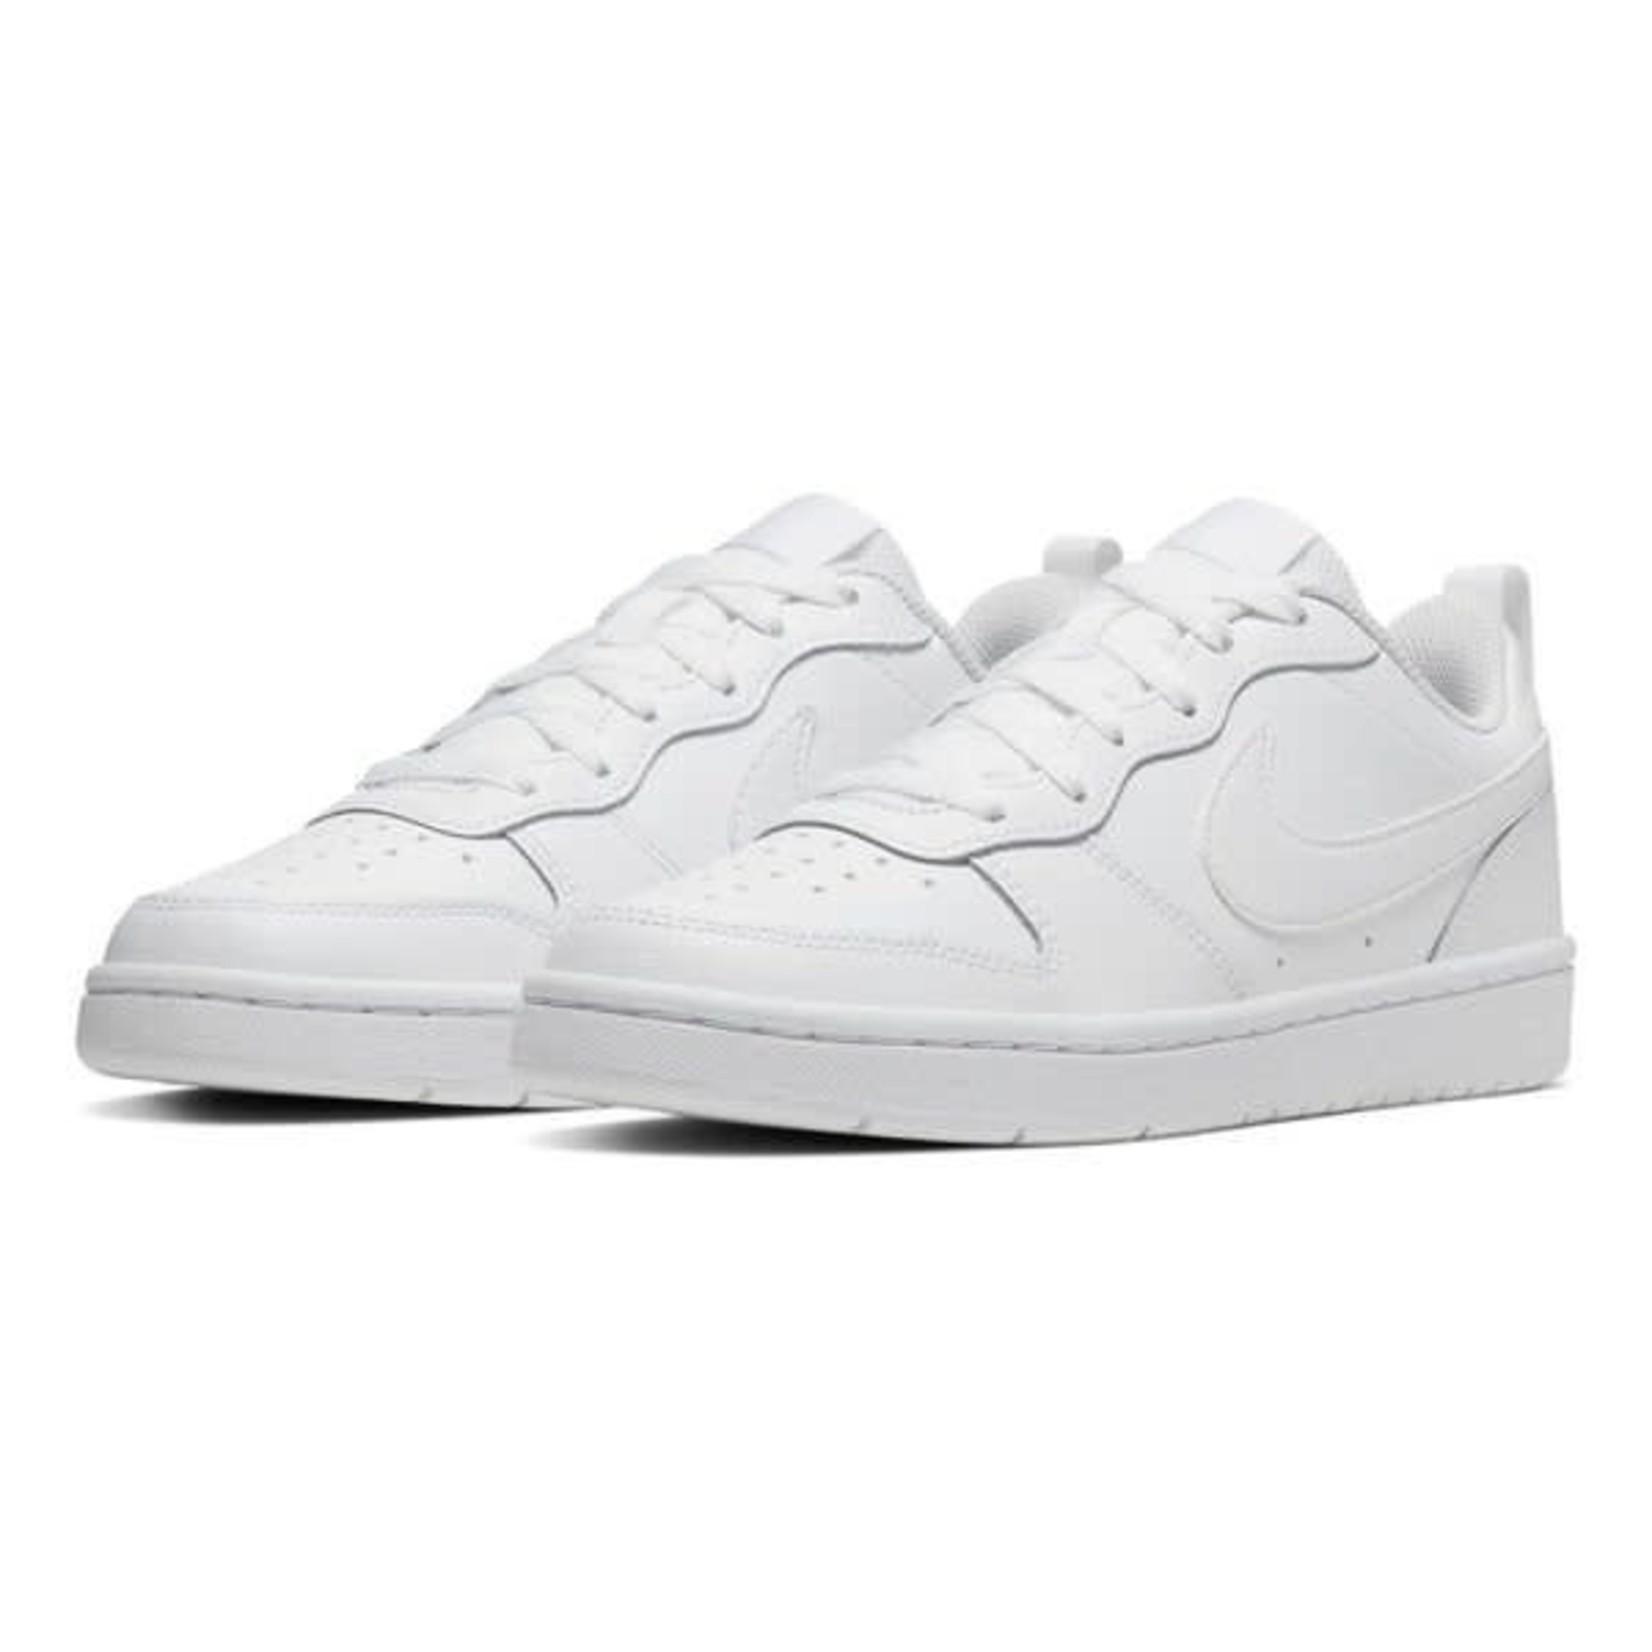 Nike Nike Casual Shoes, Court Borough Low 2, GS